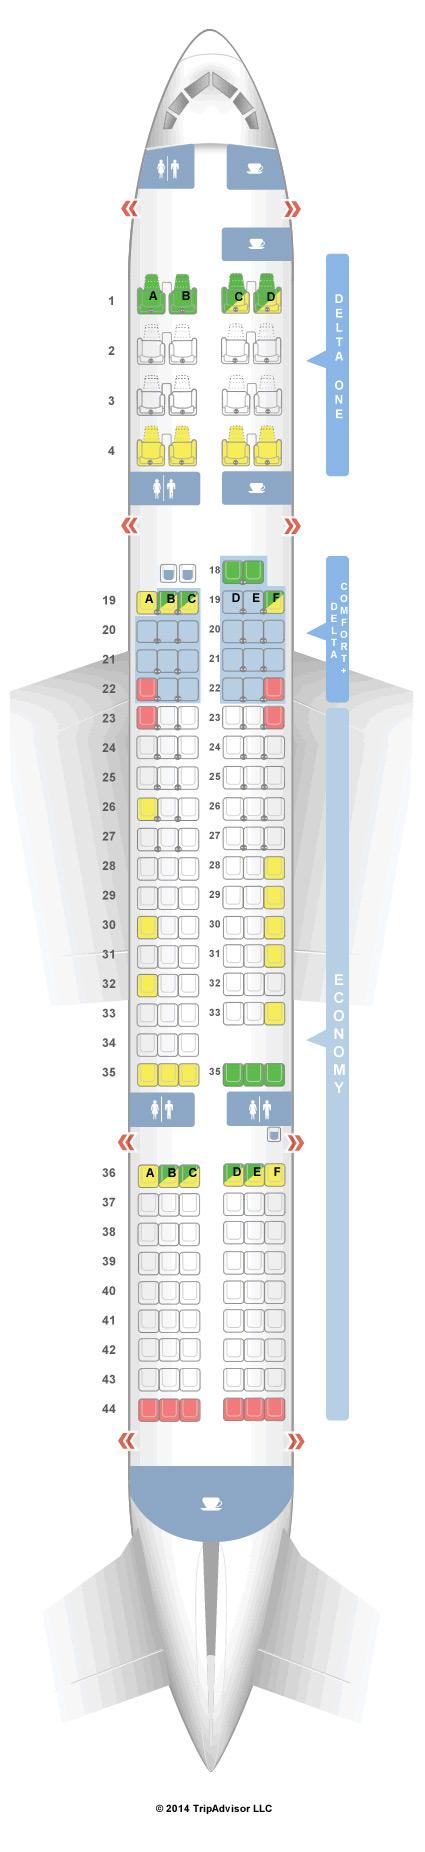 757 200 Aircraft Seating Chart